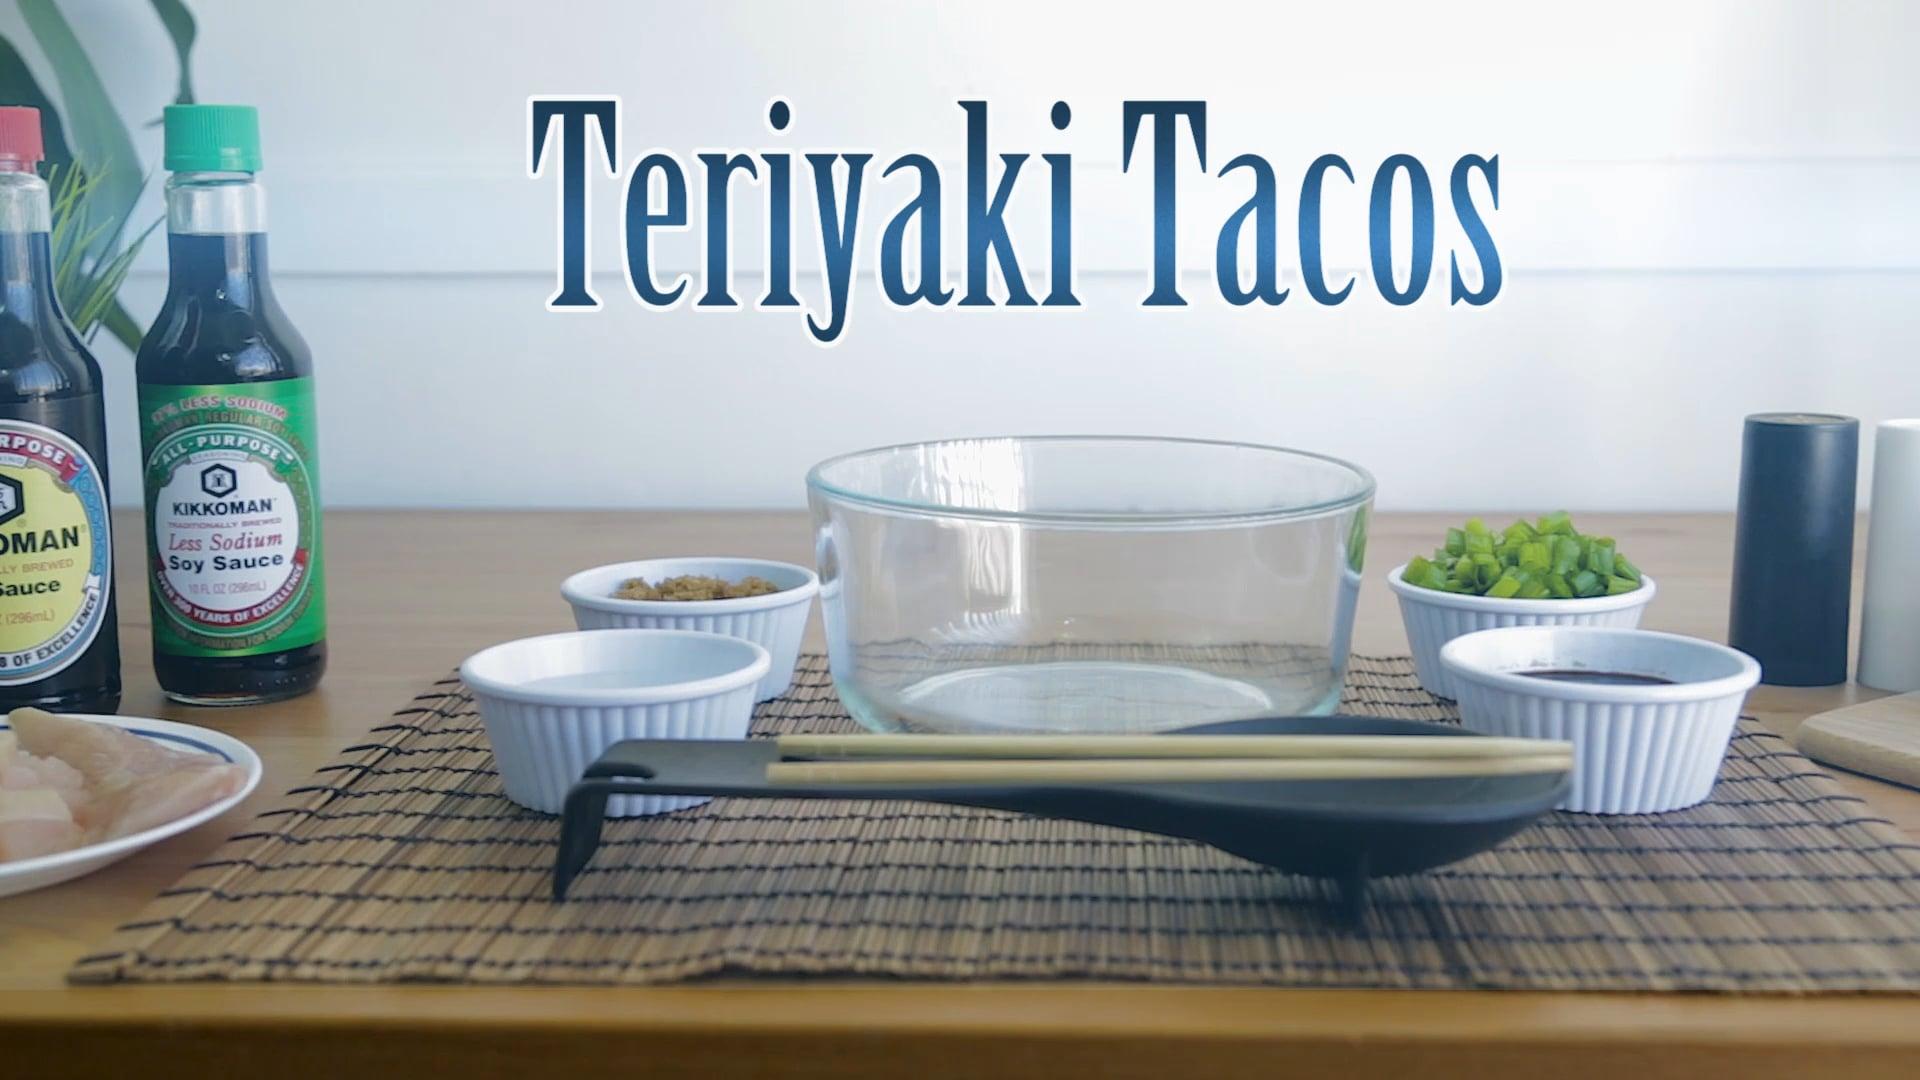 Kikkoman Teriyaki Tacos